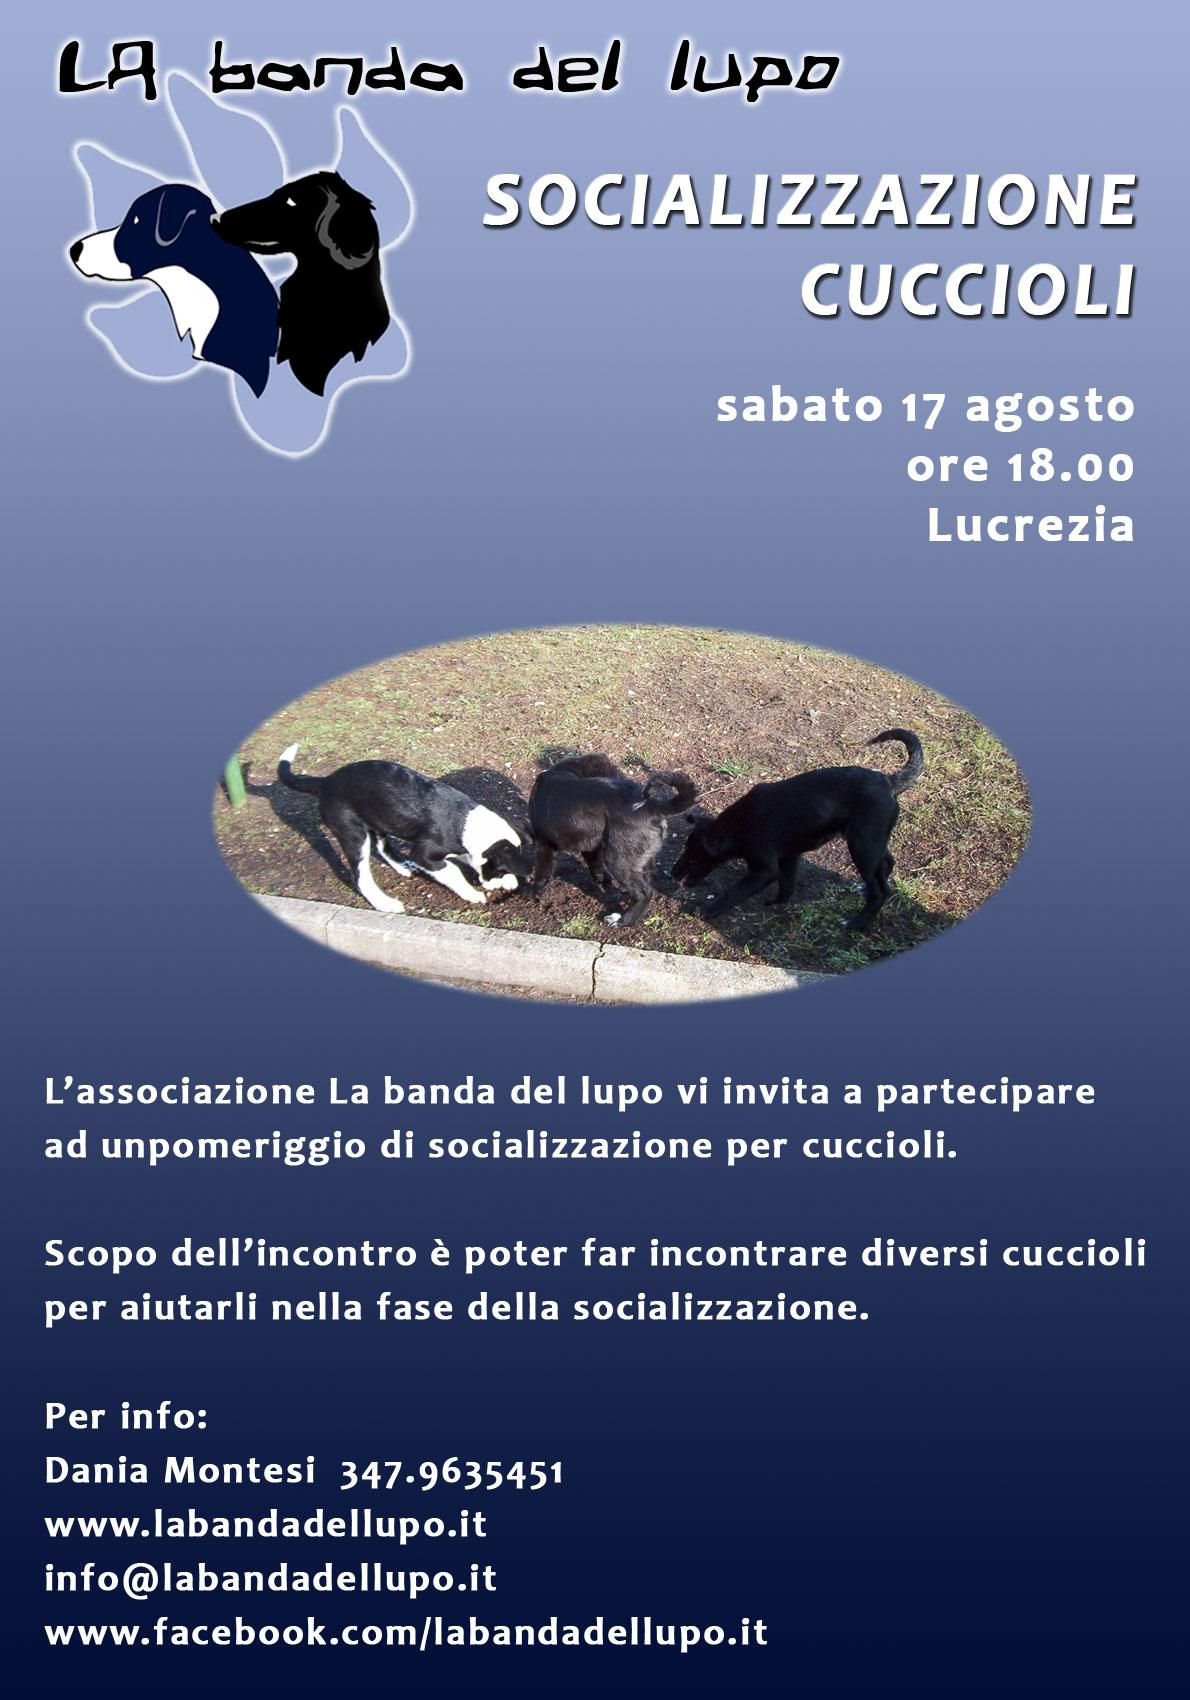 Socializzazione cuccioli - agosto 2013